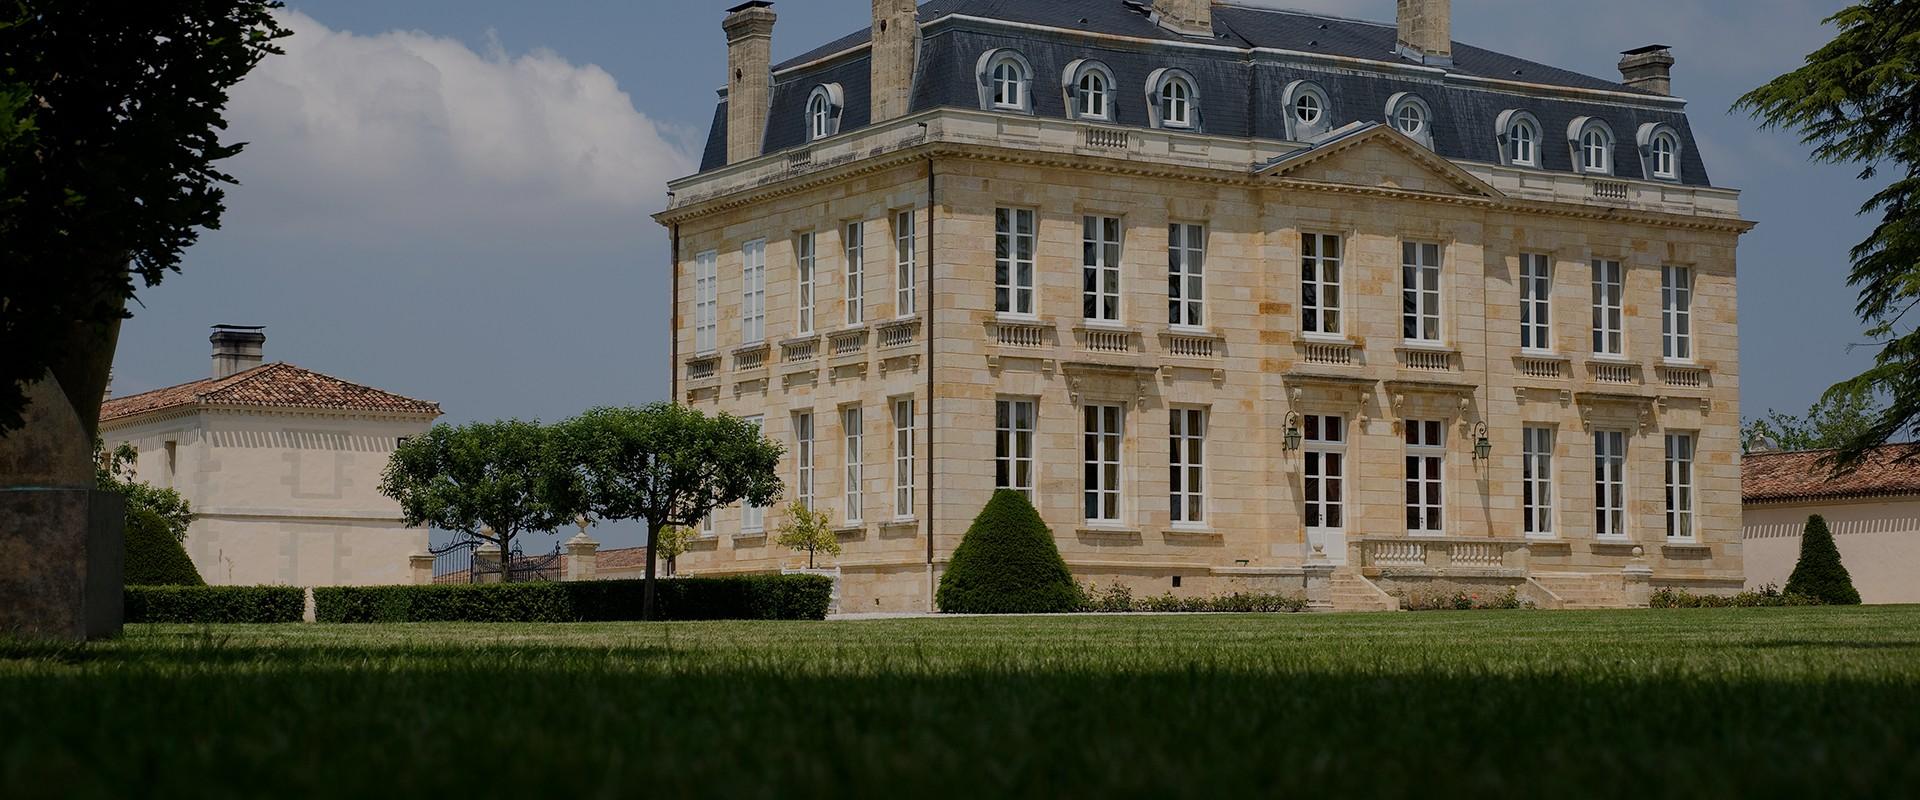 Château Labégorce Margaux